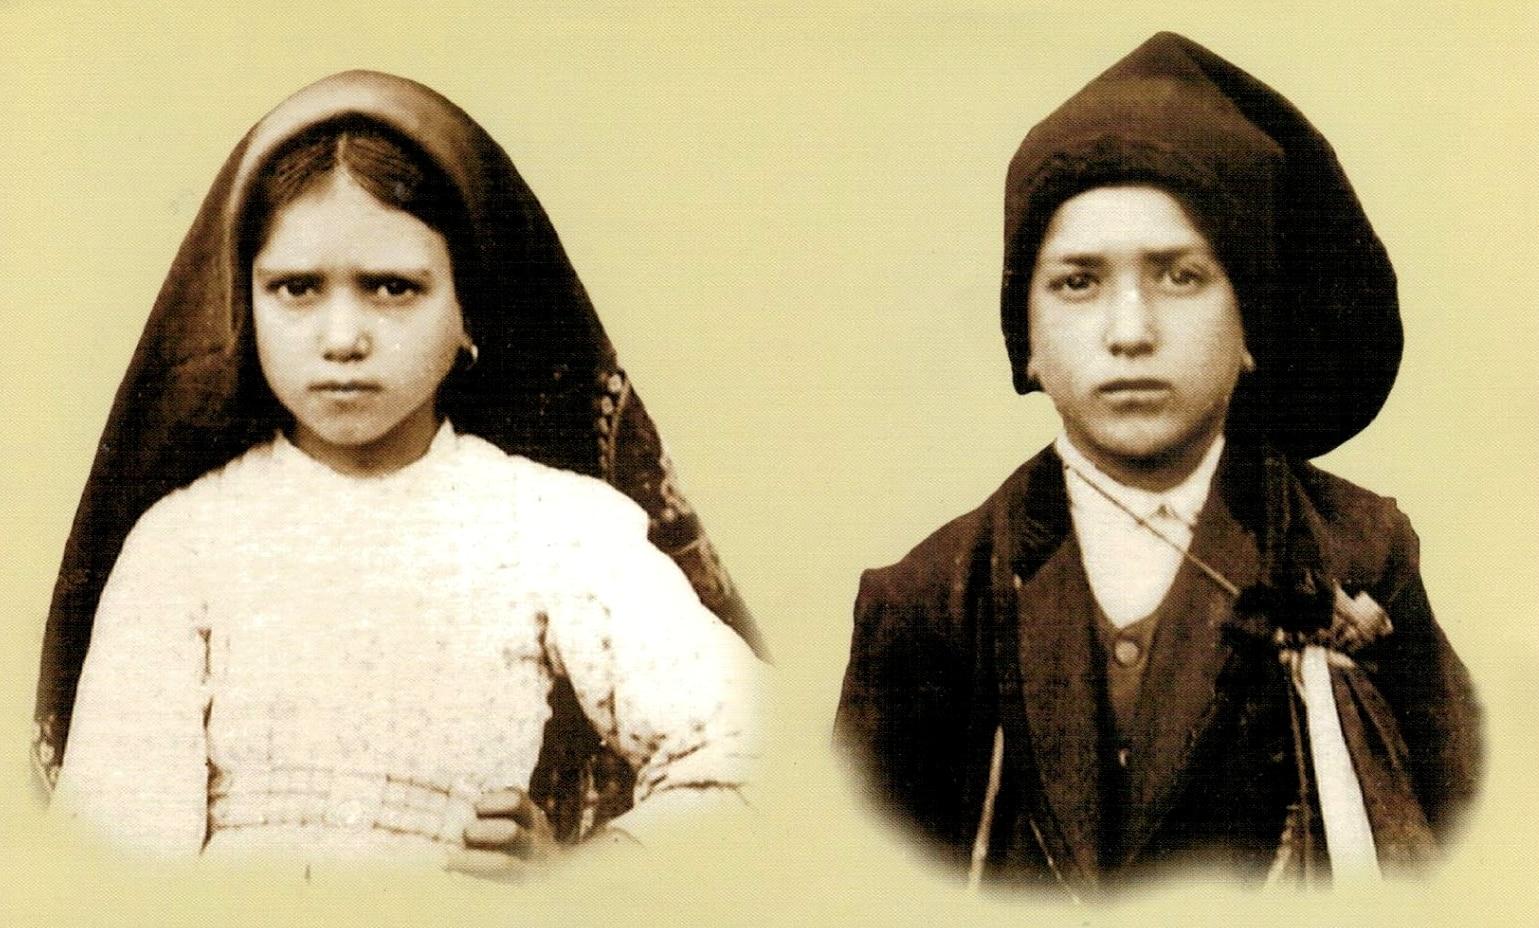 Santos Jacinta y Francisco Marto, videntes de Fátima -  20 de febrero 1